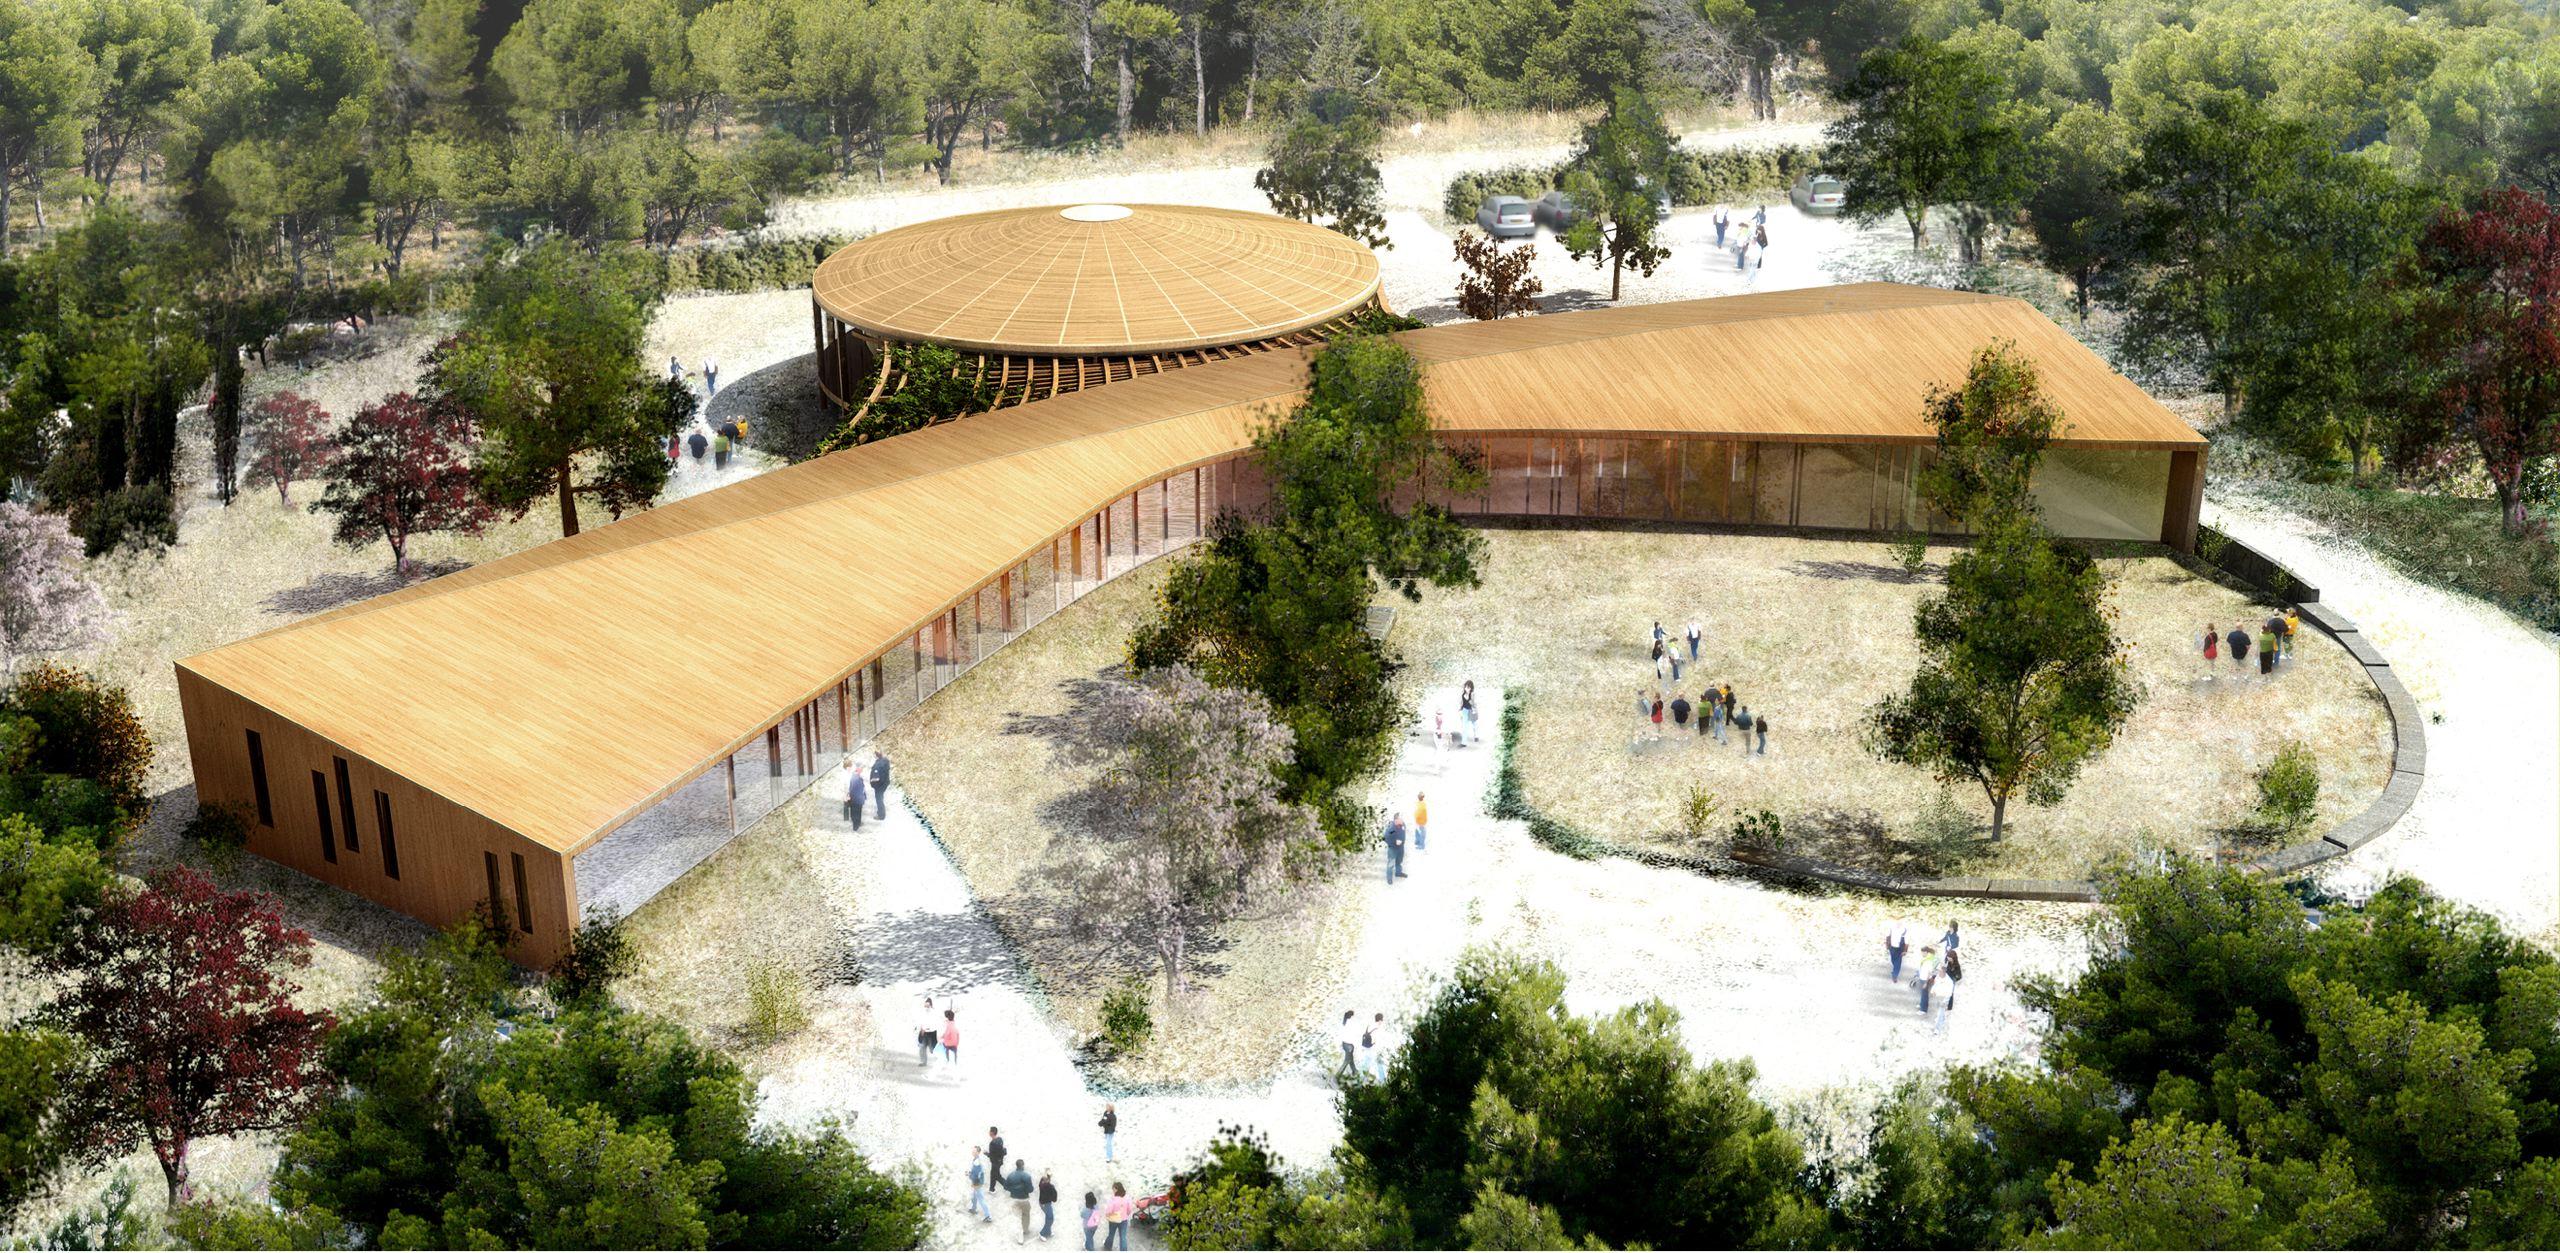 Adrien champsaur architecture architecte marseille - Architecte pertuis ...